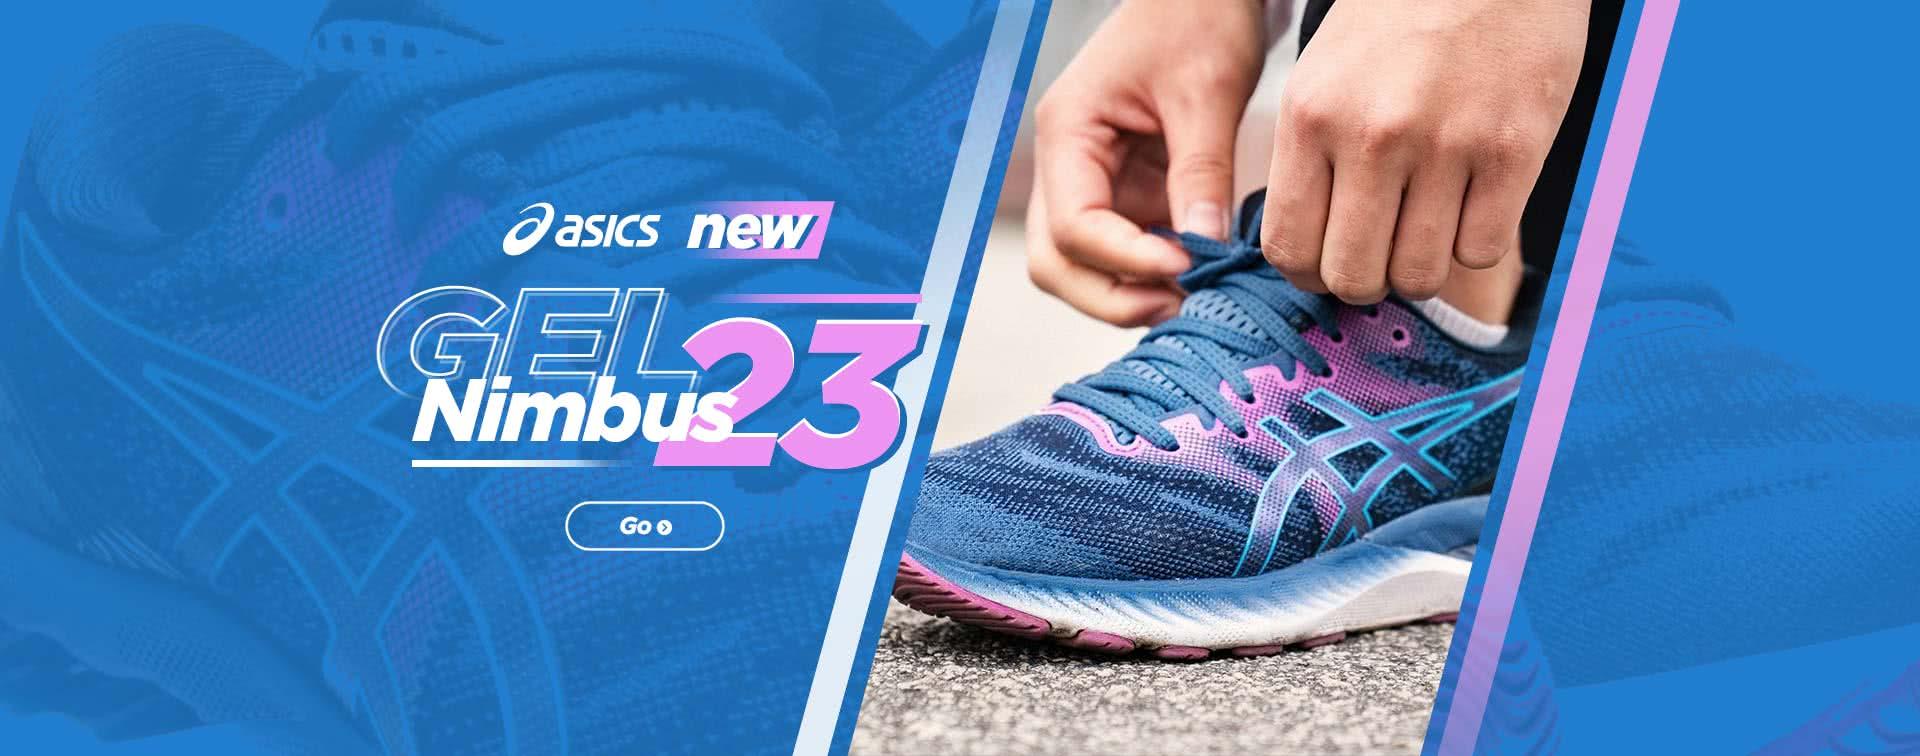 La nueva Gel Nimbus 23